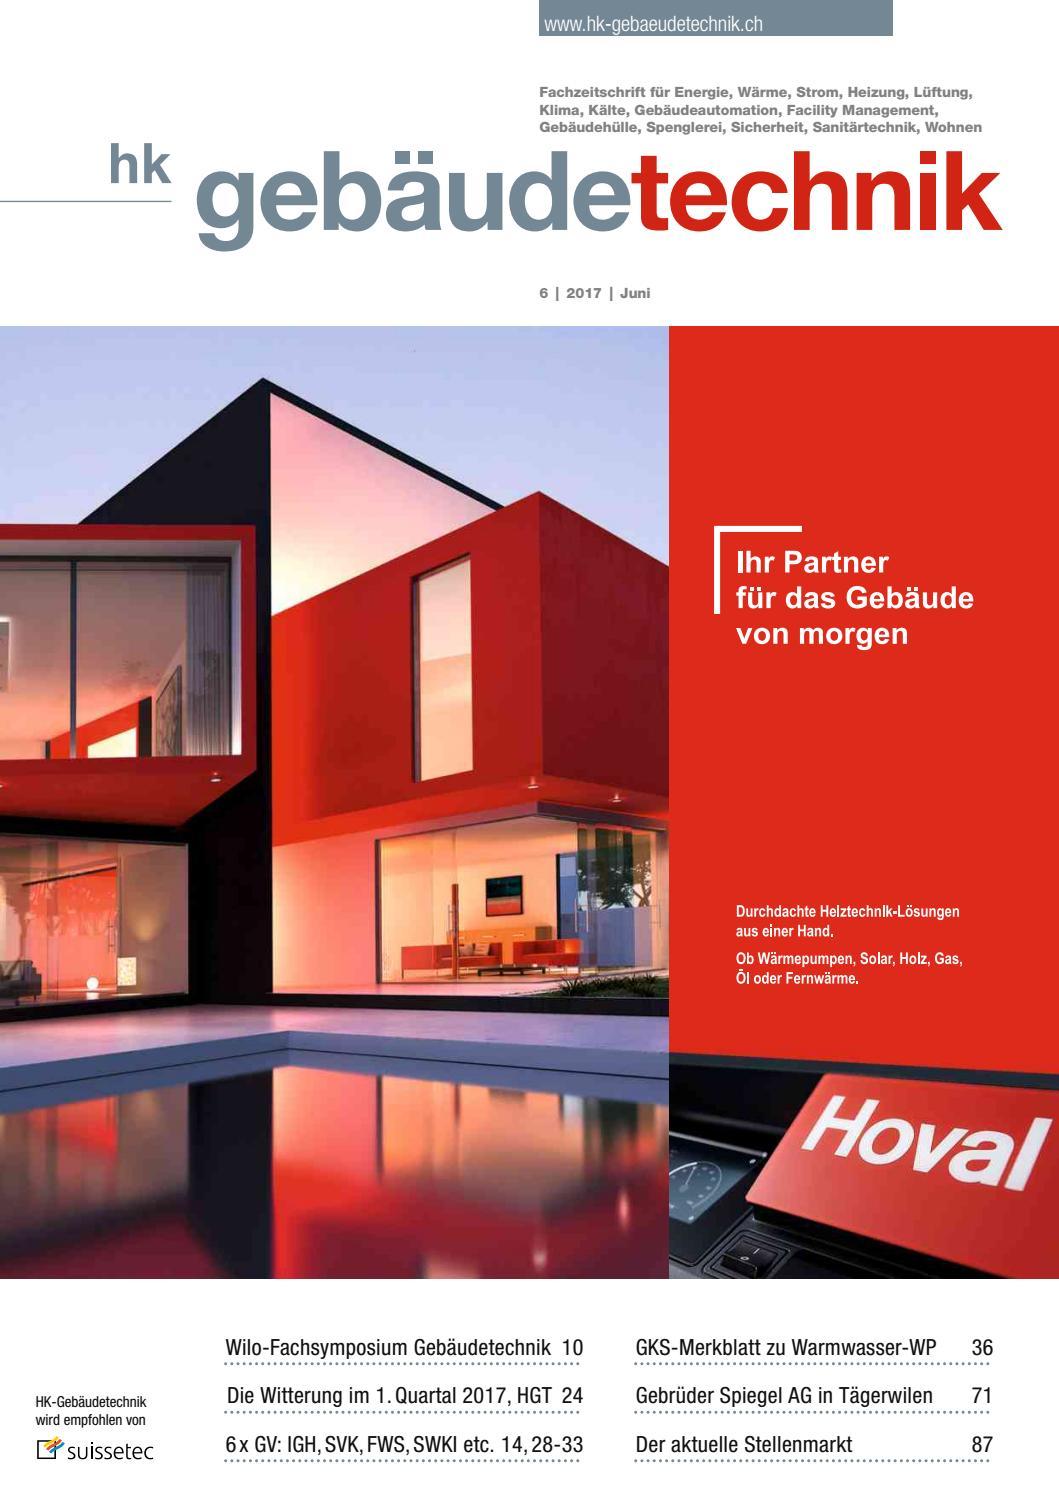 Superb Fein Standard Drahtgröße Für Ein Haus Galerie   Elektrische .